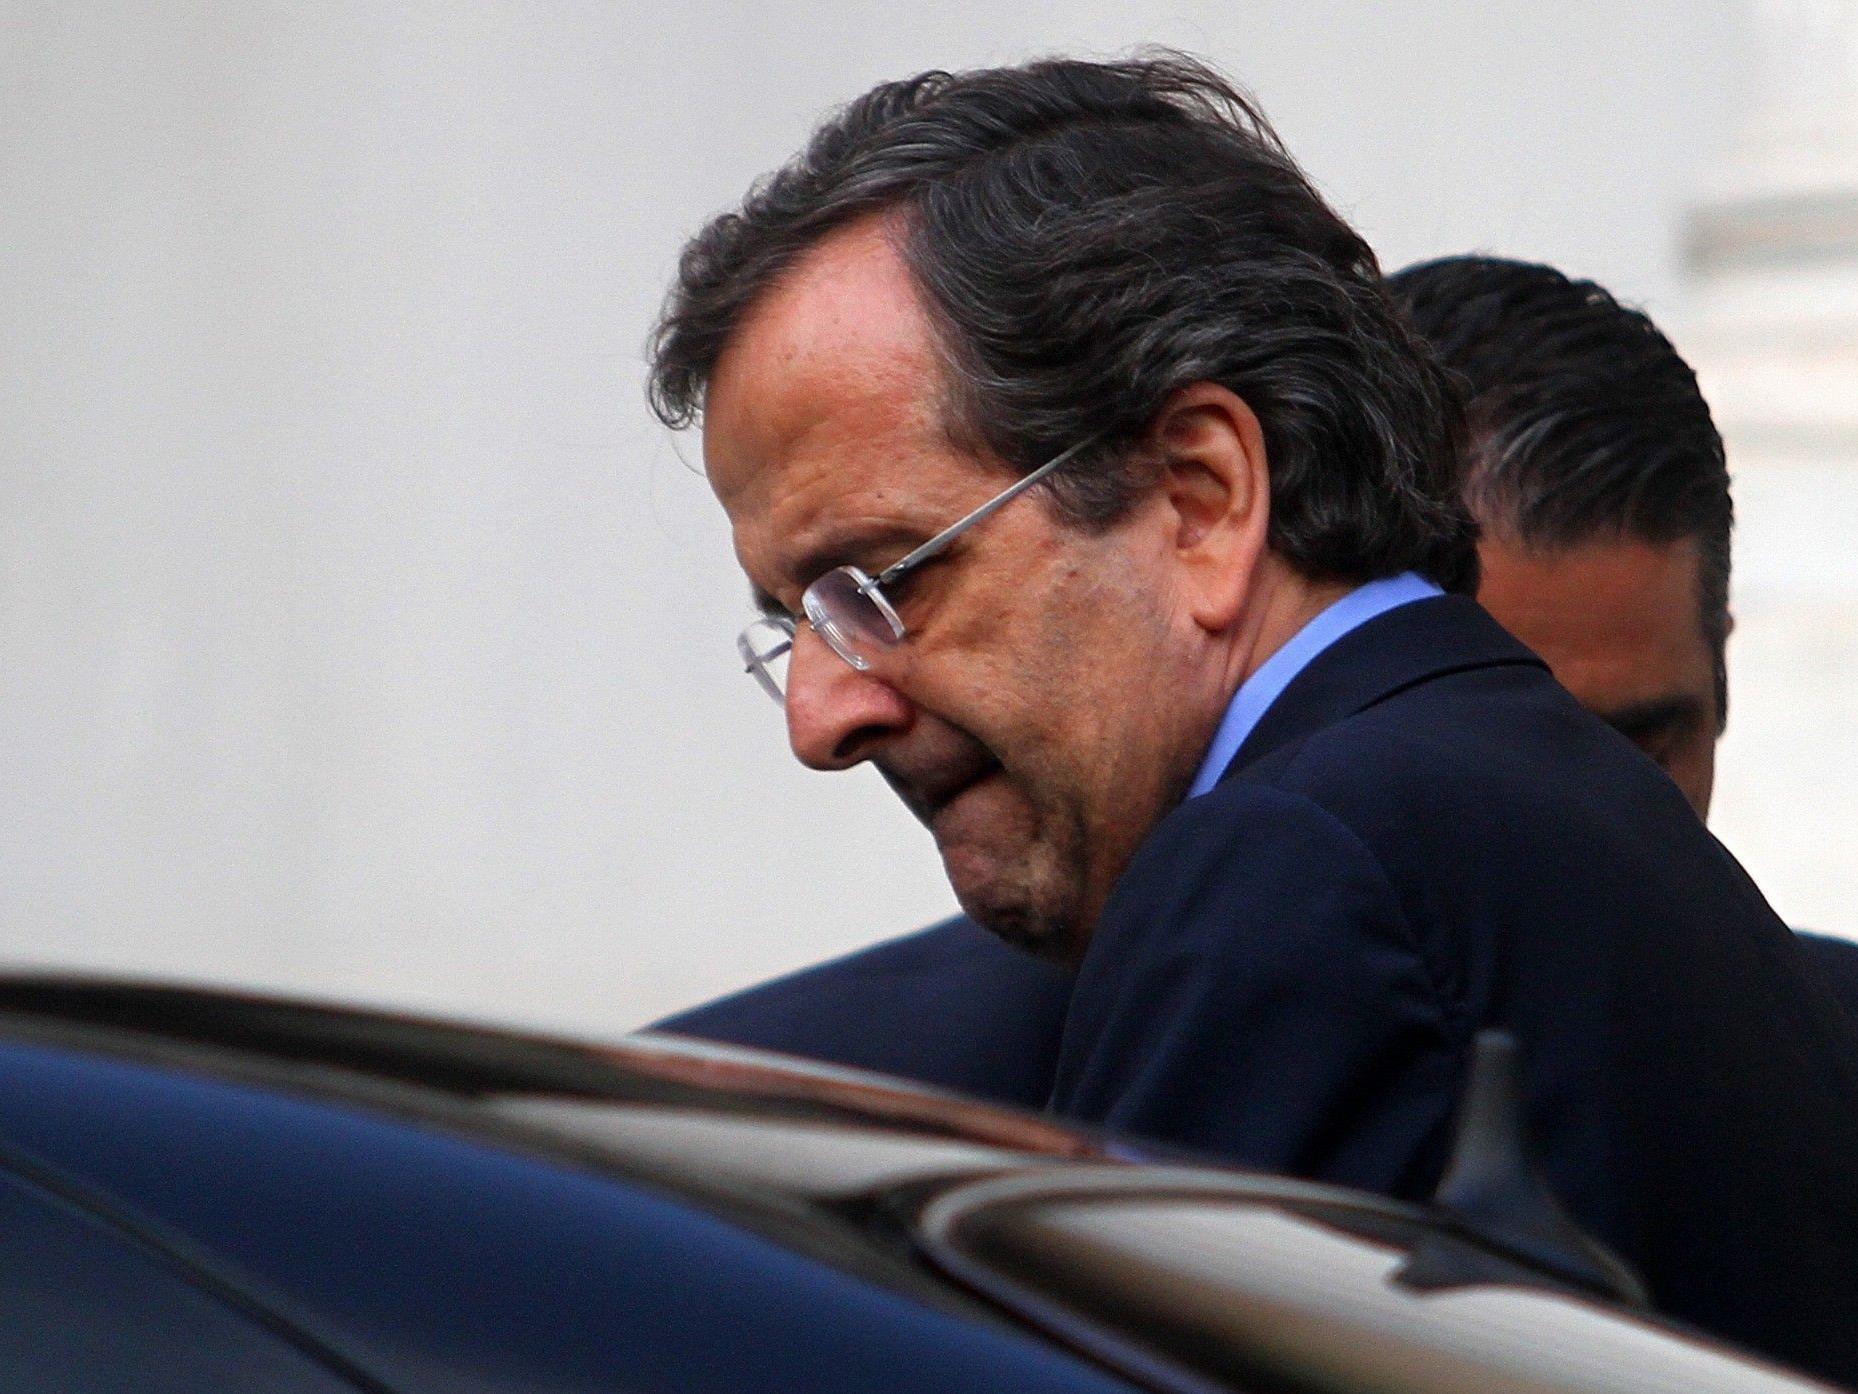 Finanznöte: Griechenland verscherbelt sein Familiensilber.